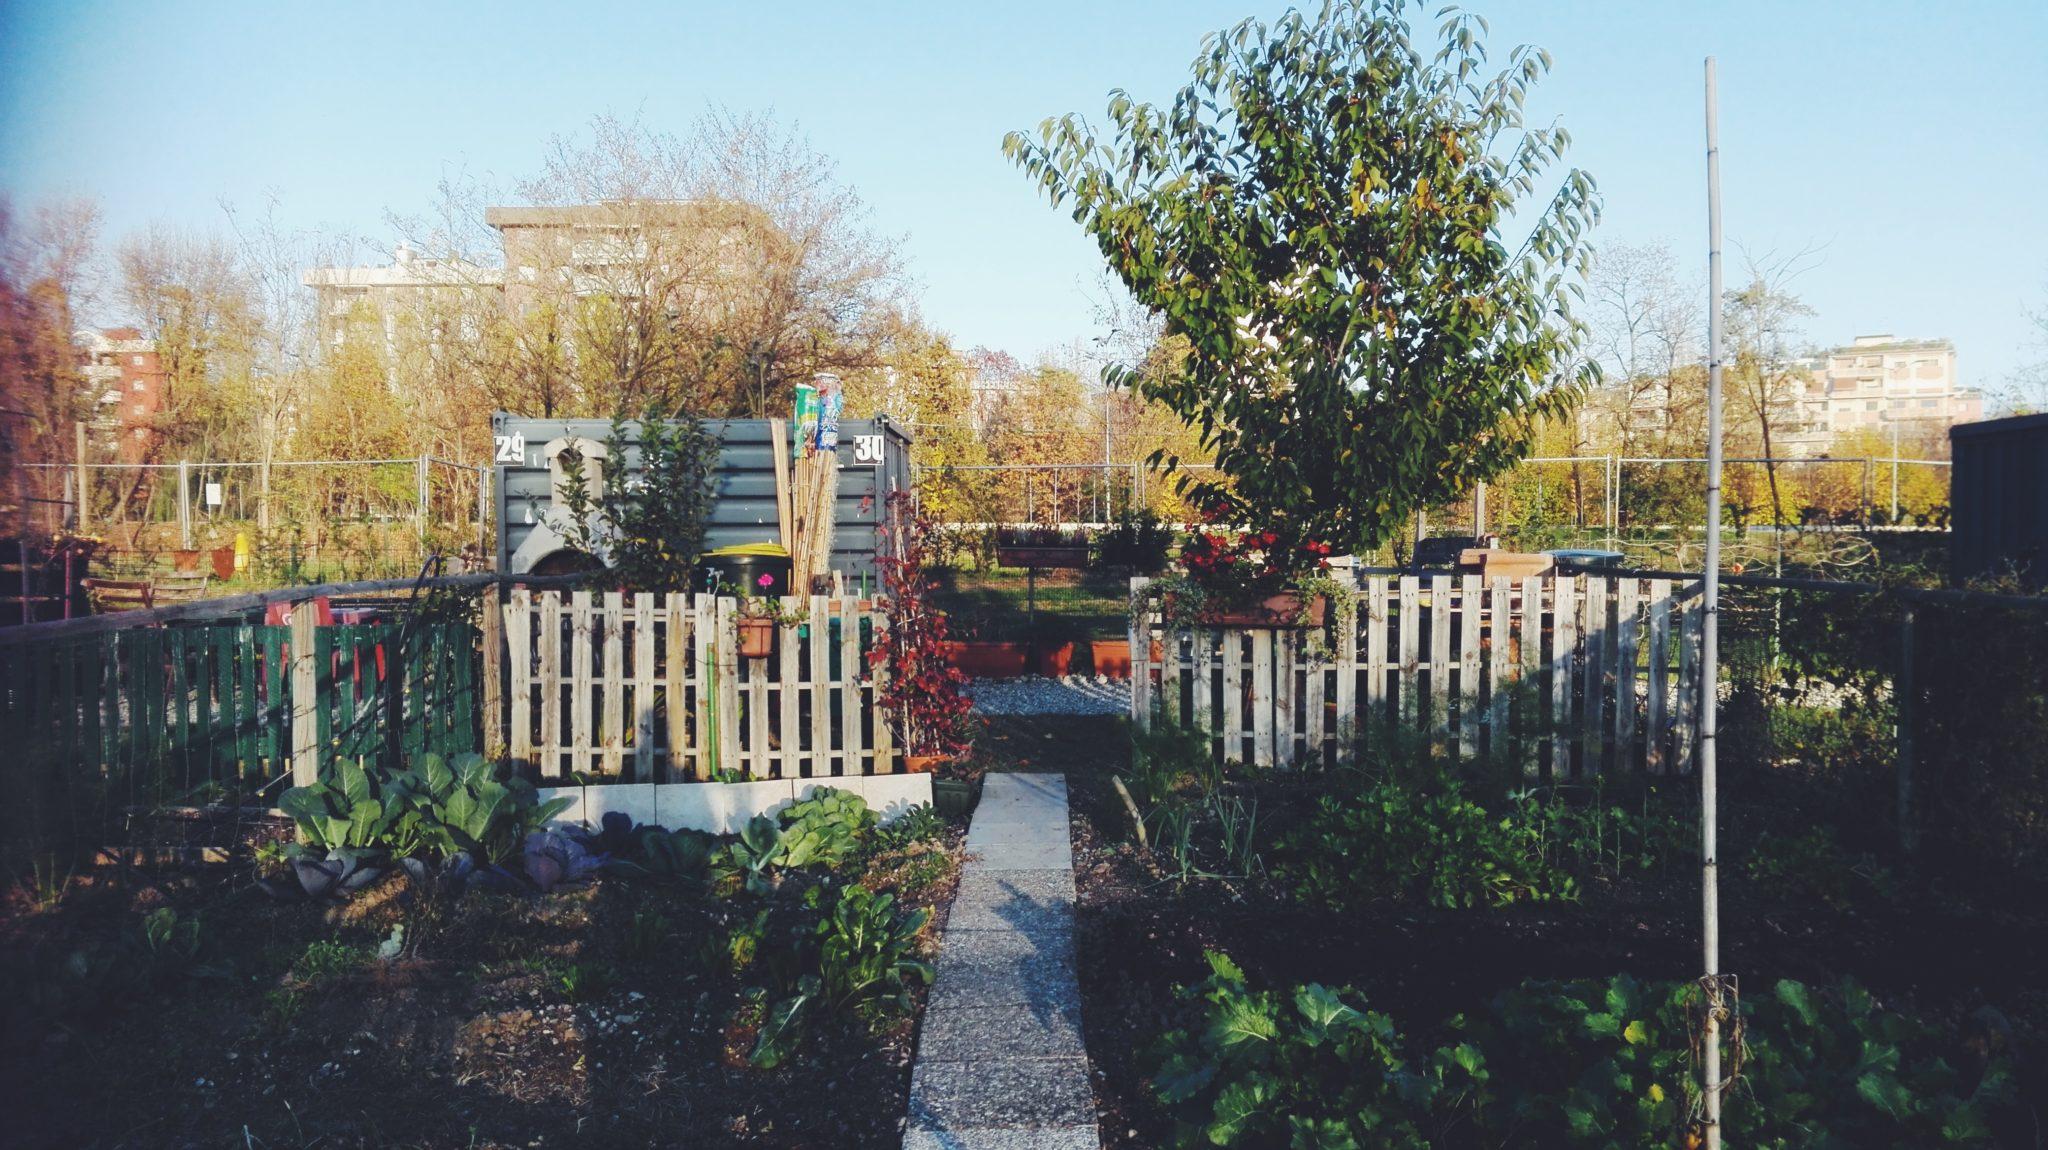 La grigia metropoli è anche verde: gli orti in città fanno fiorire periferie e panorami inaspettati. Qui ogni abitante può avere un po' di natura